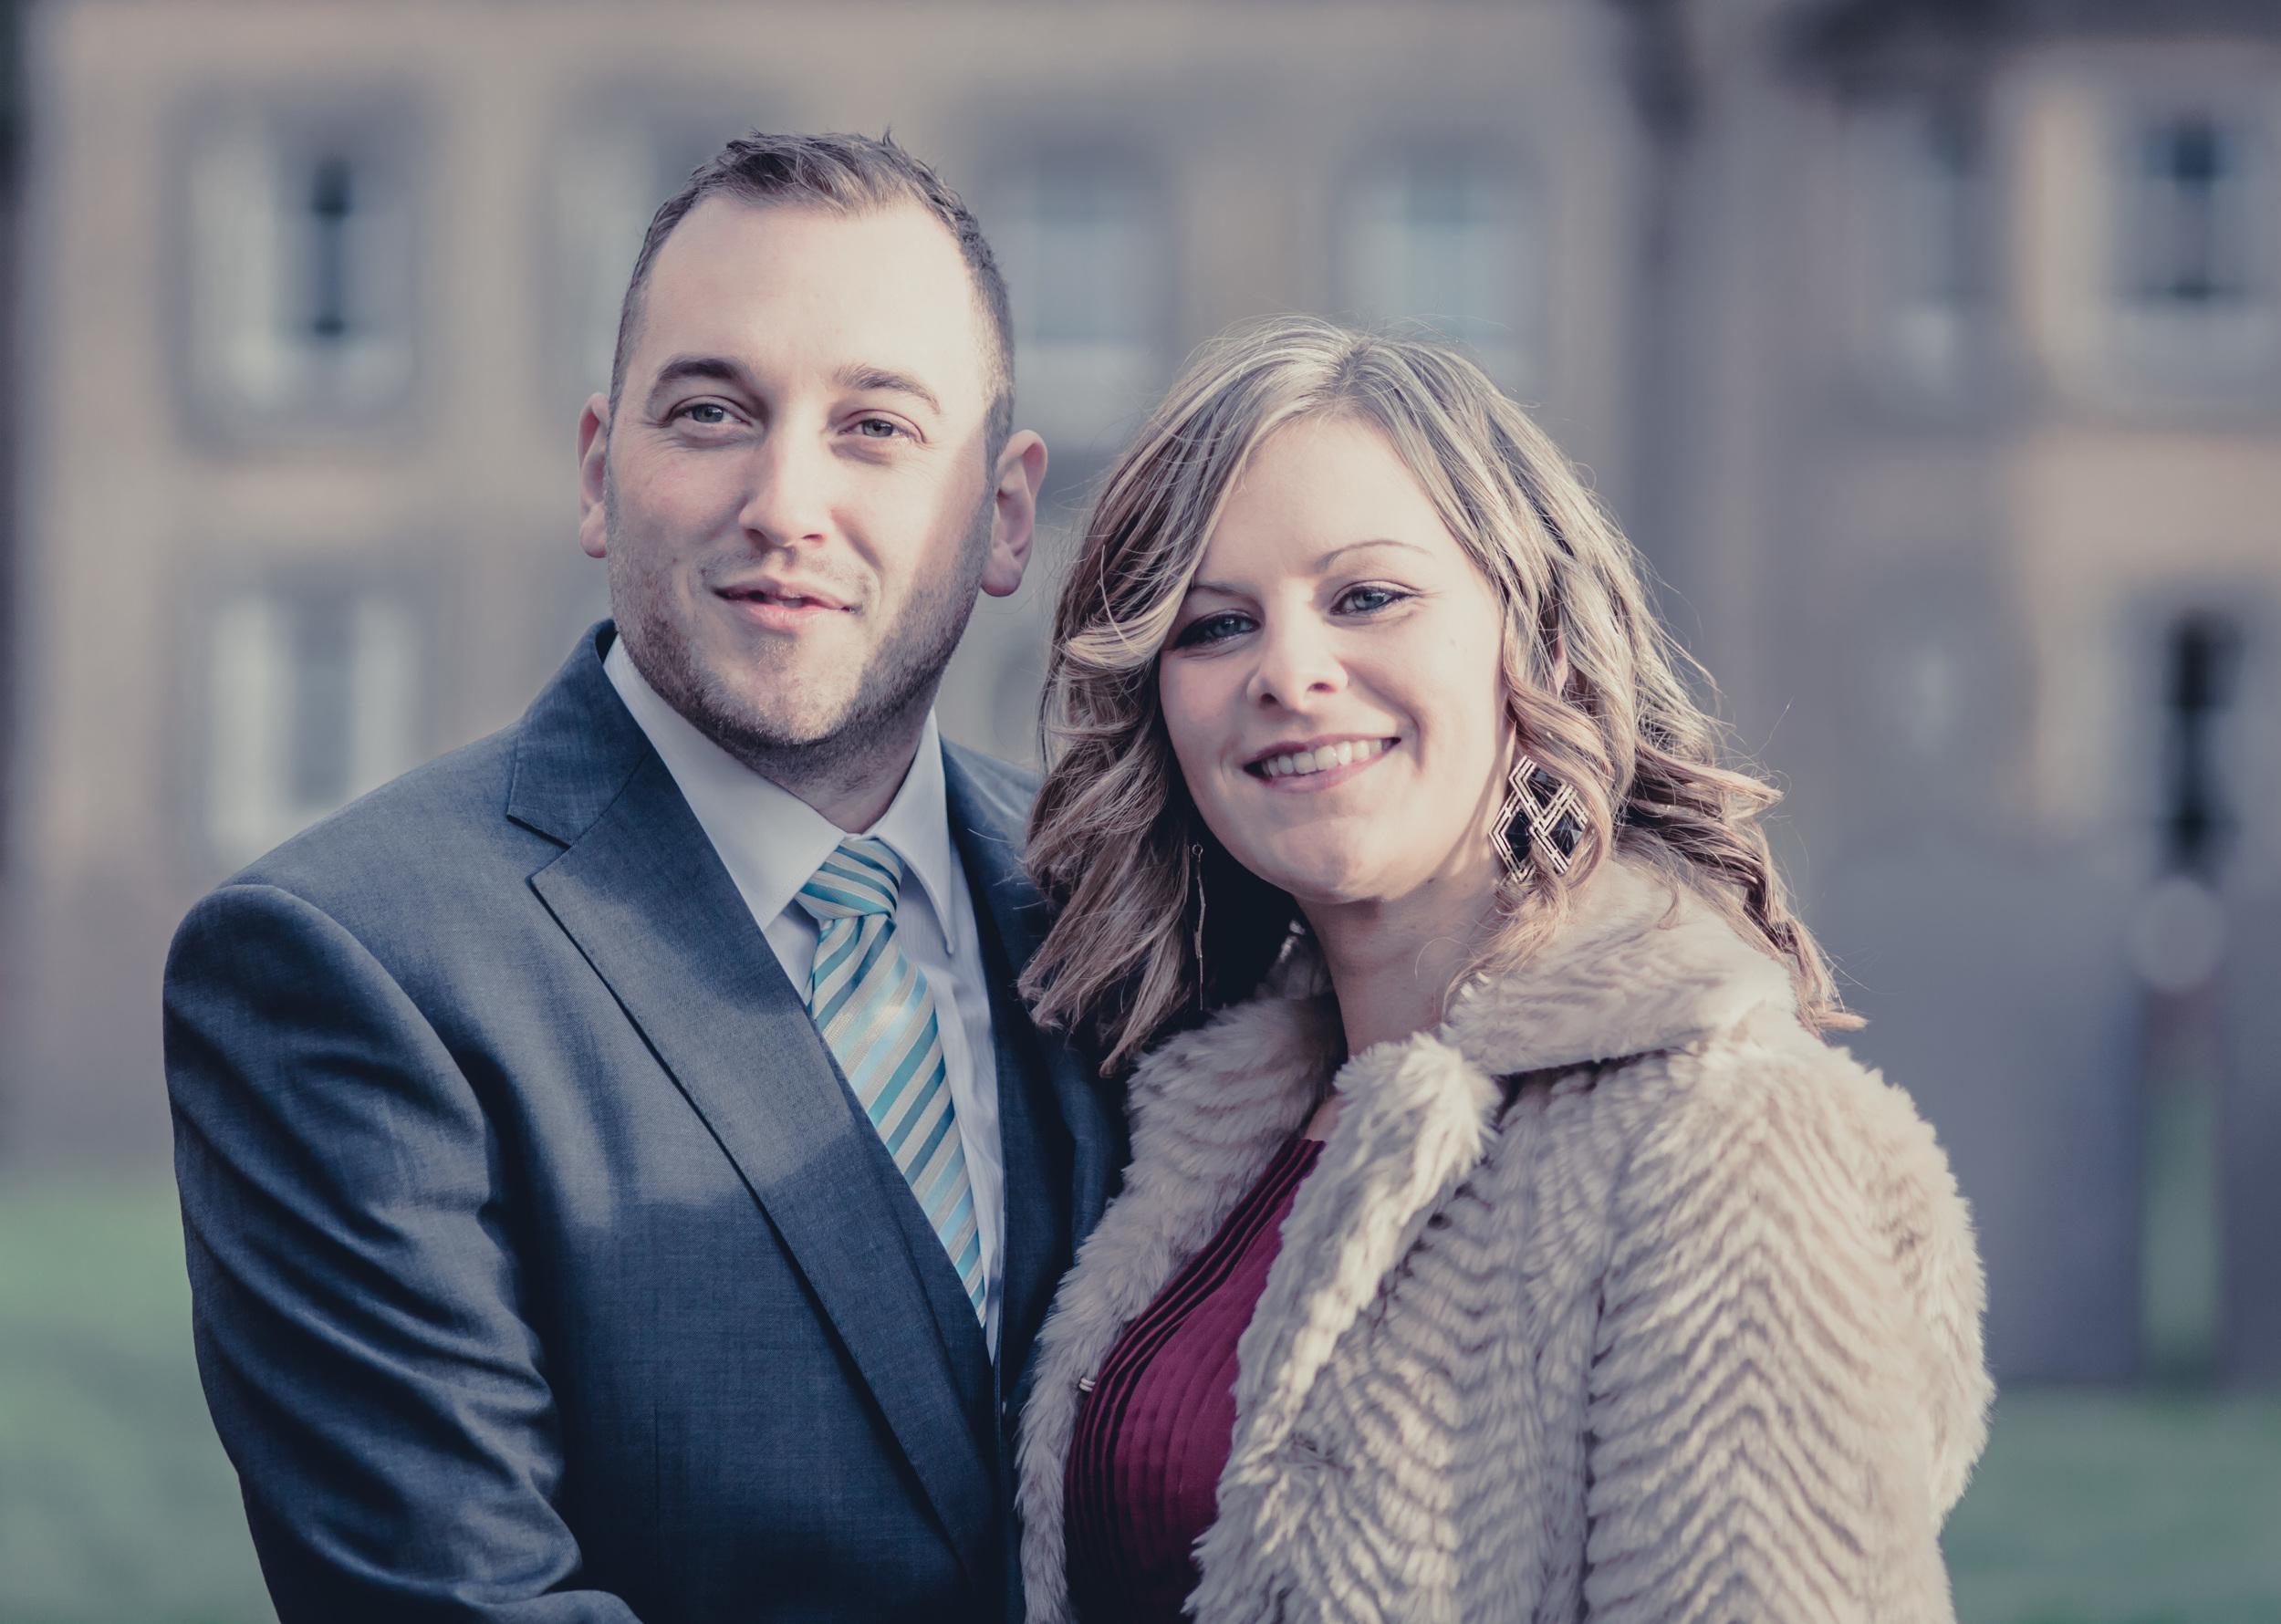 009 - Angela and Karls Wedding by www.markpugh.com -5690.jpg